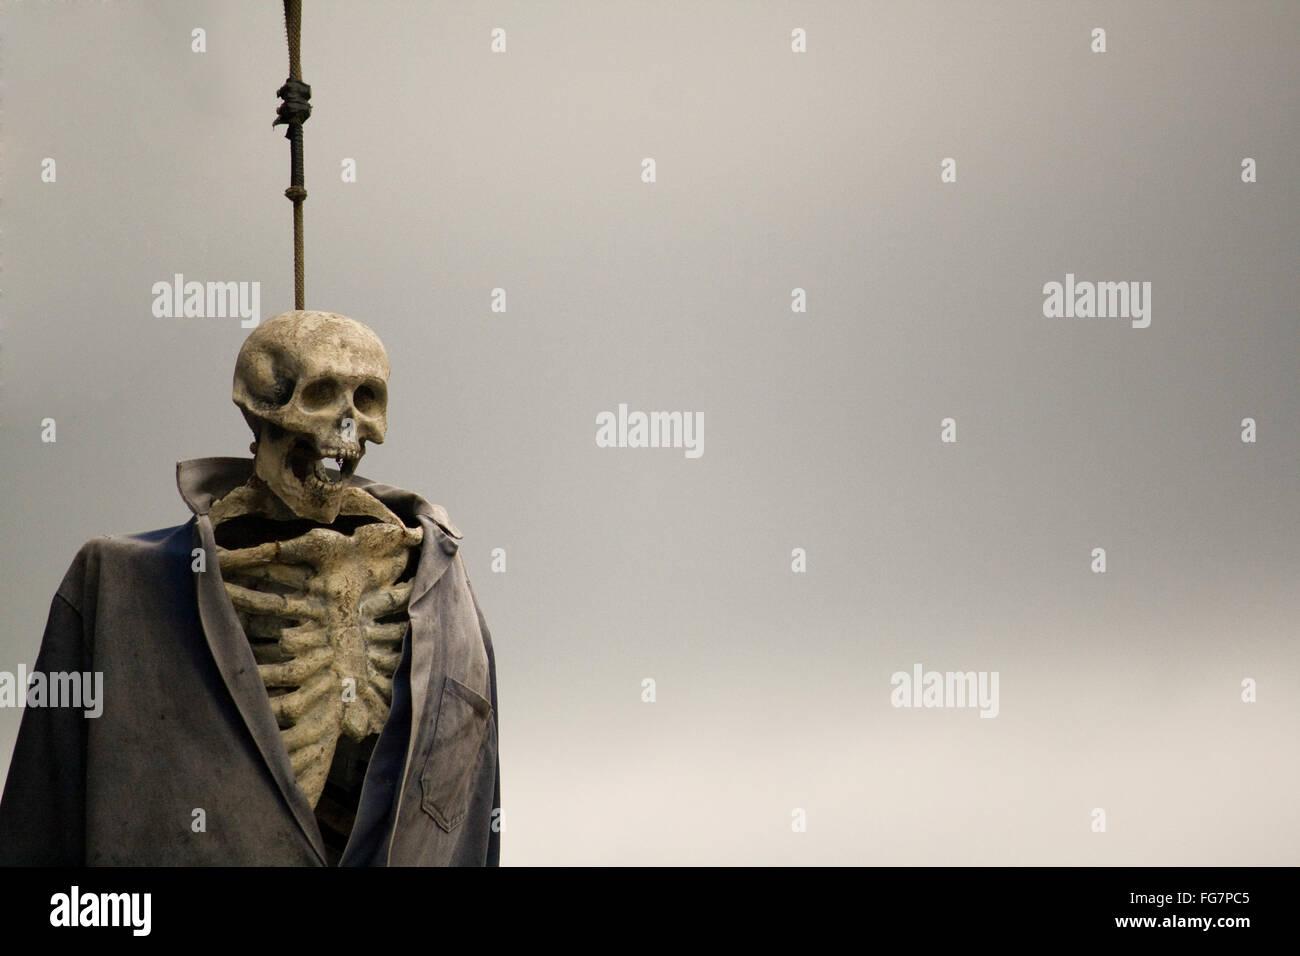 Menschliches Skelett hängend am Seil gegen Himmel Stockbild